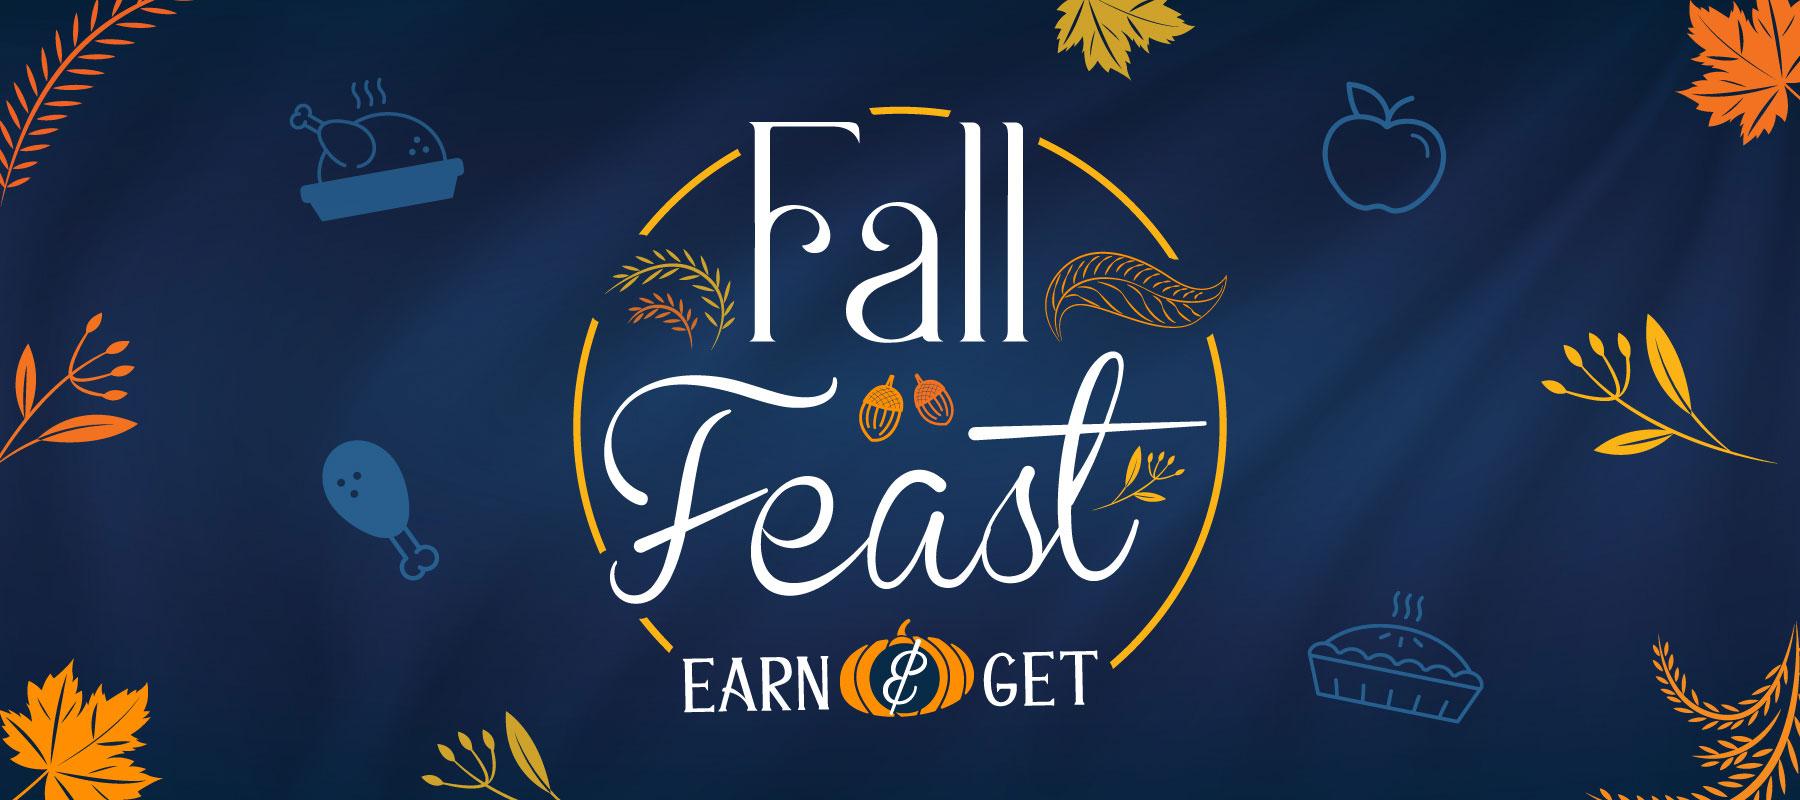 Fall Feast Earn & Get